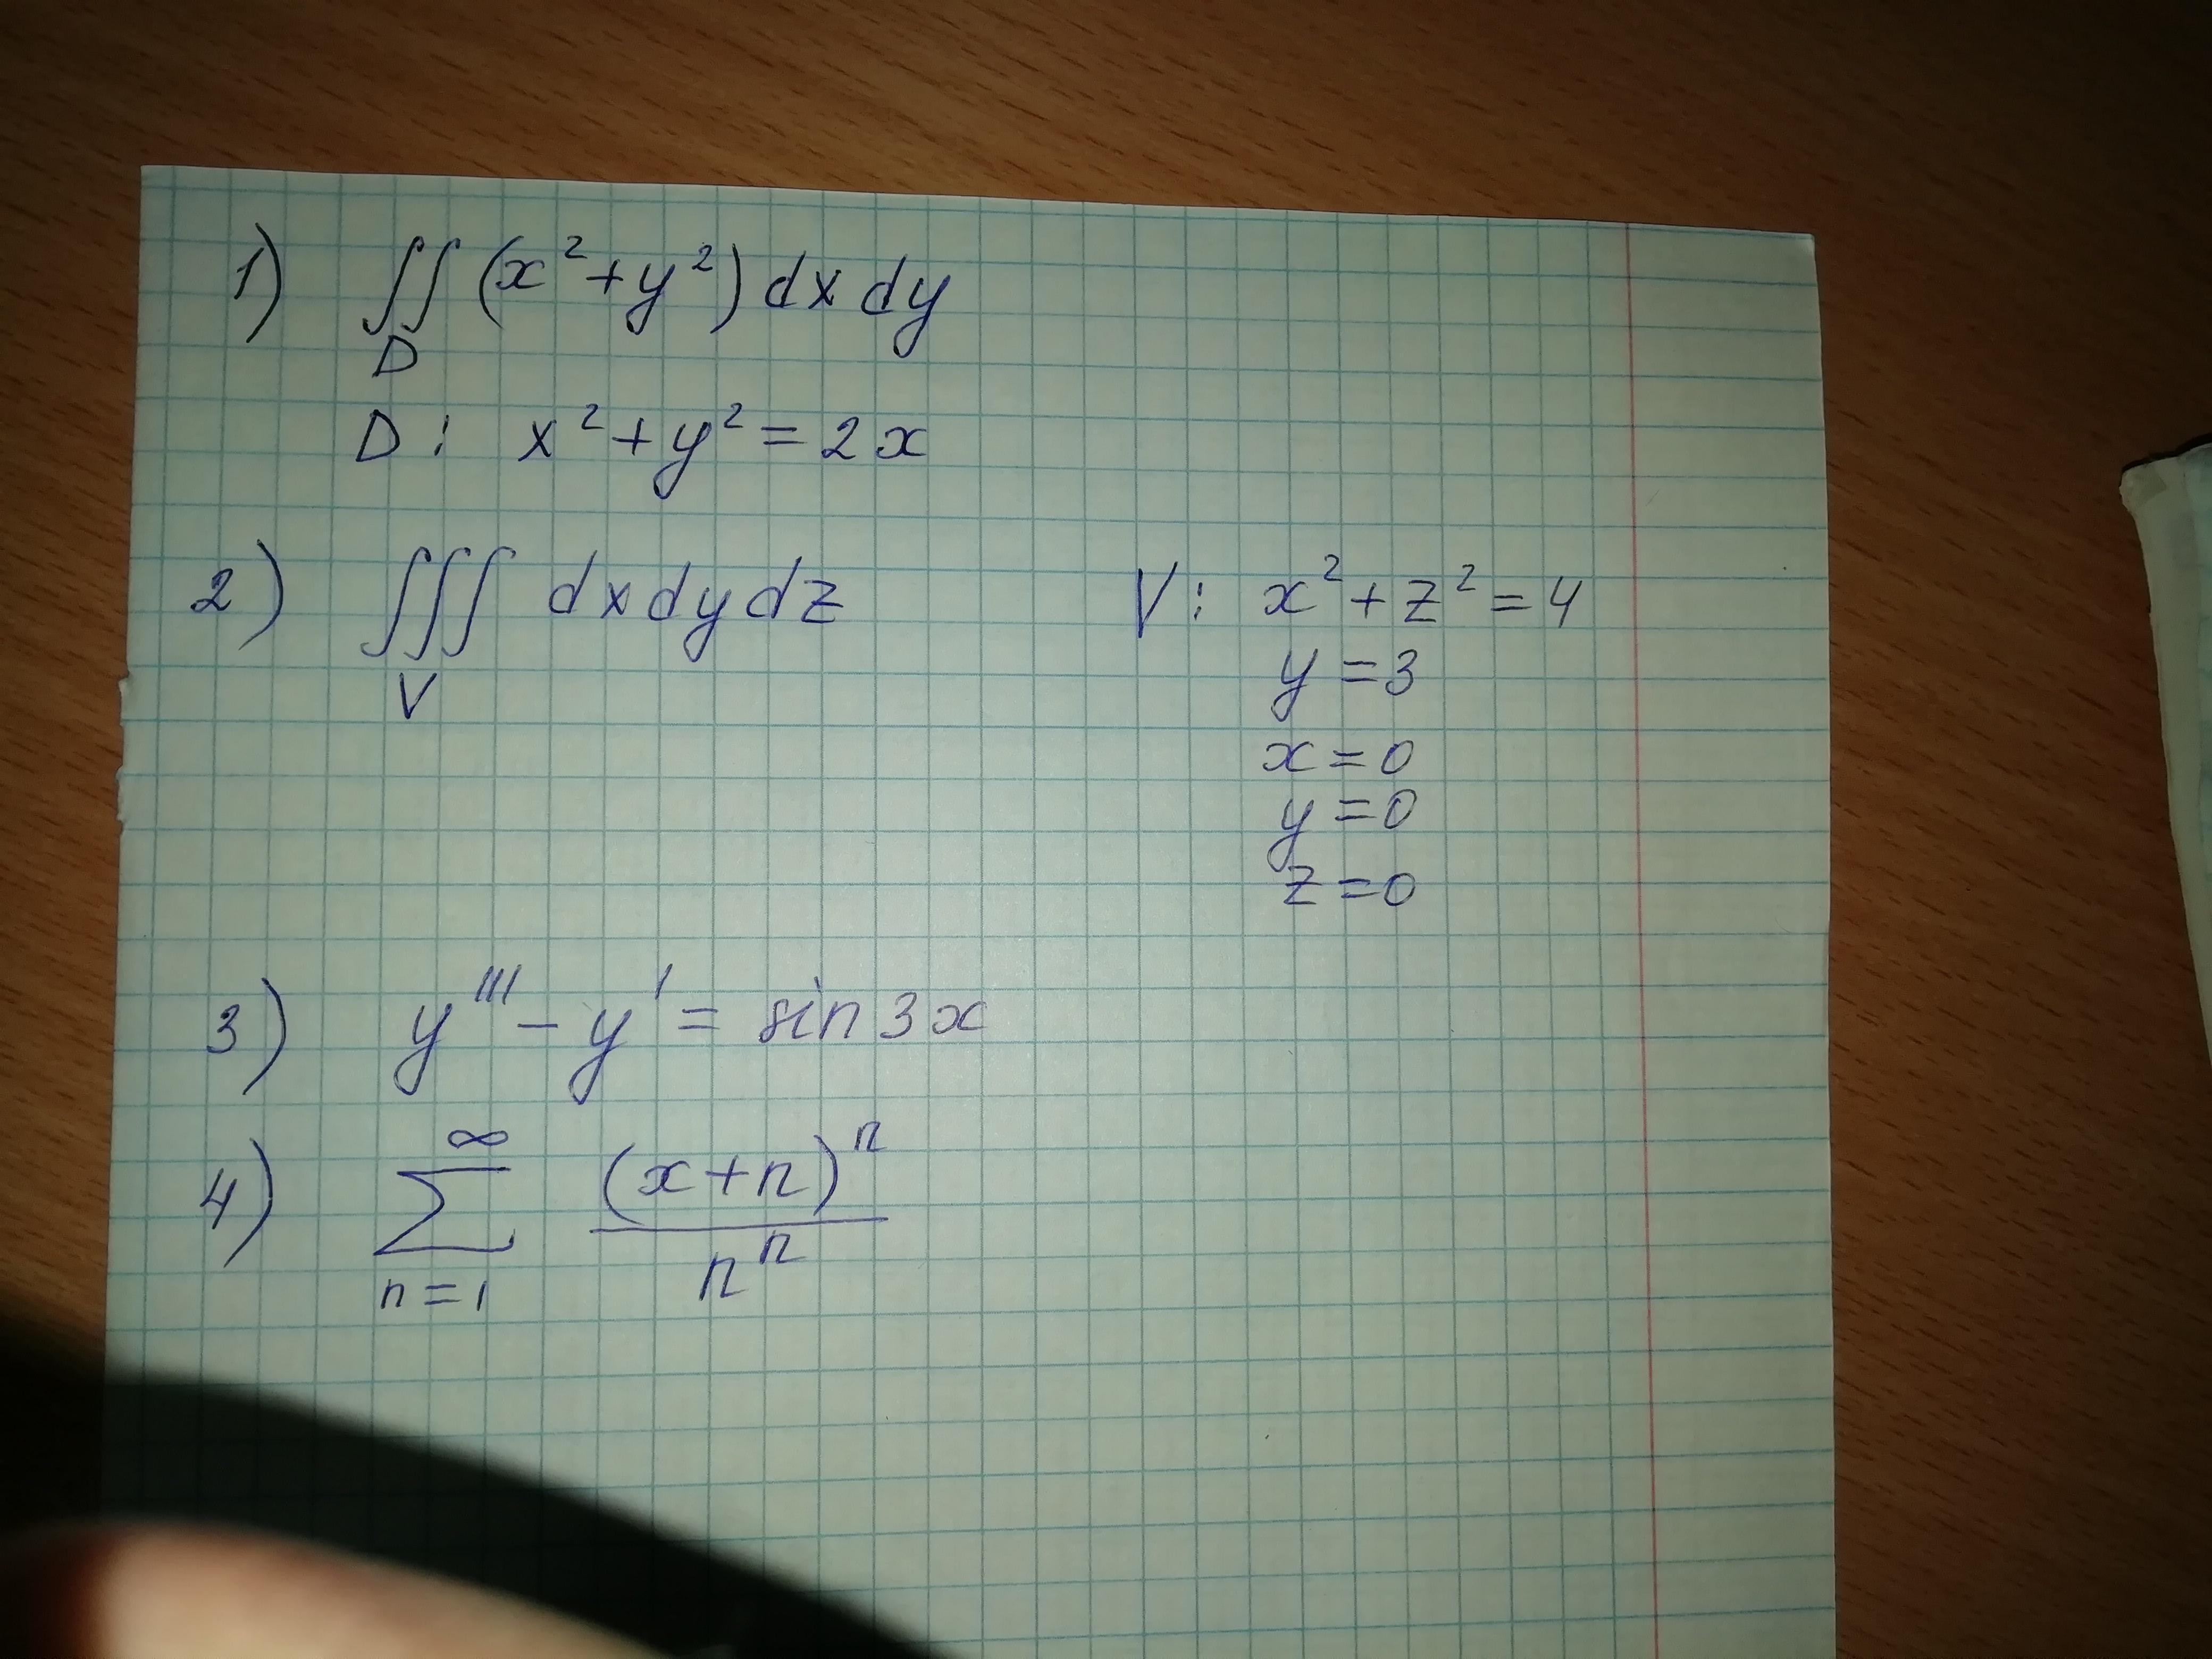 Помогите сделать 2(интеграл) задание. Пожалуйста